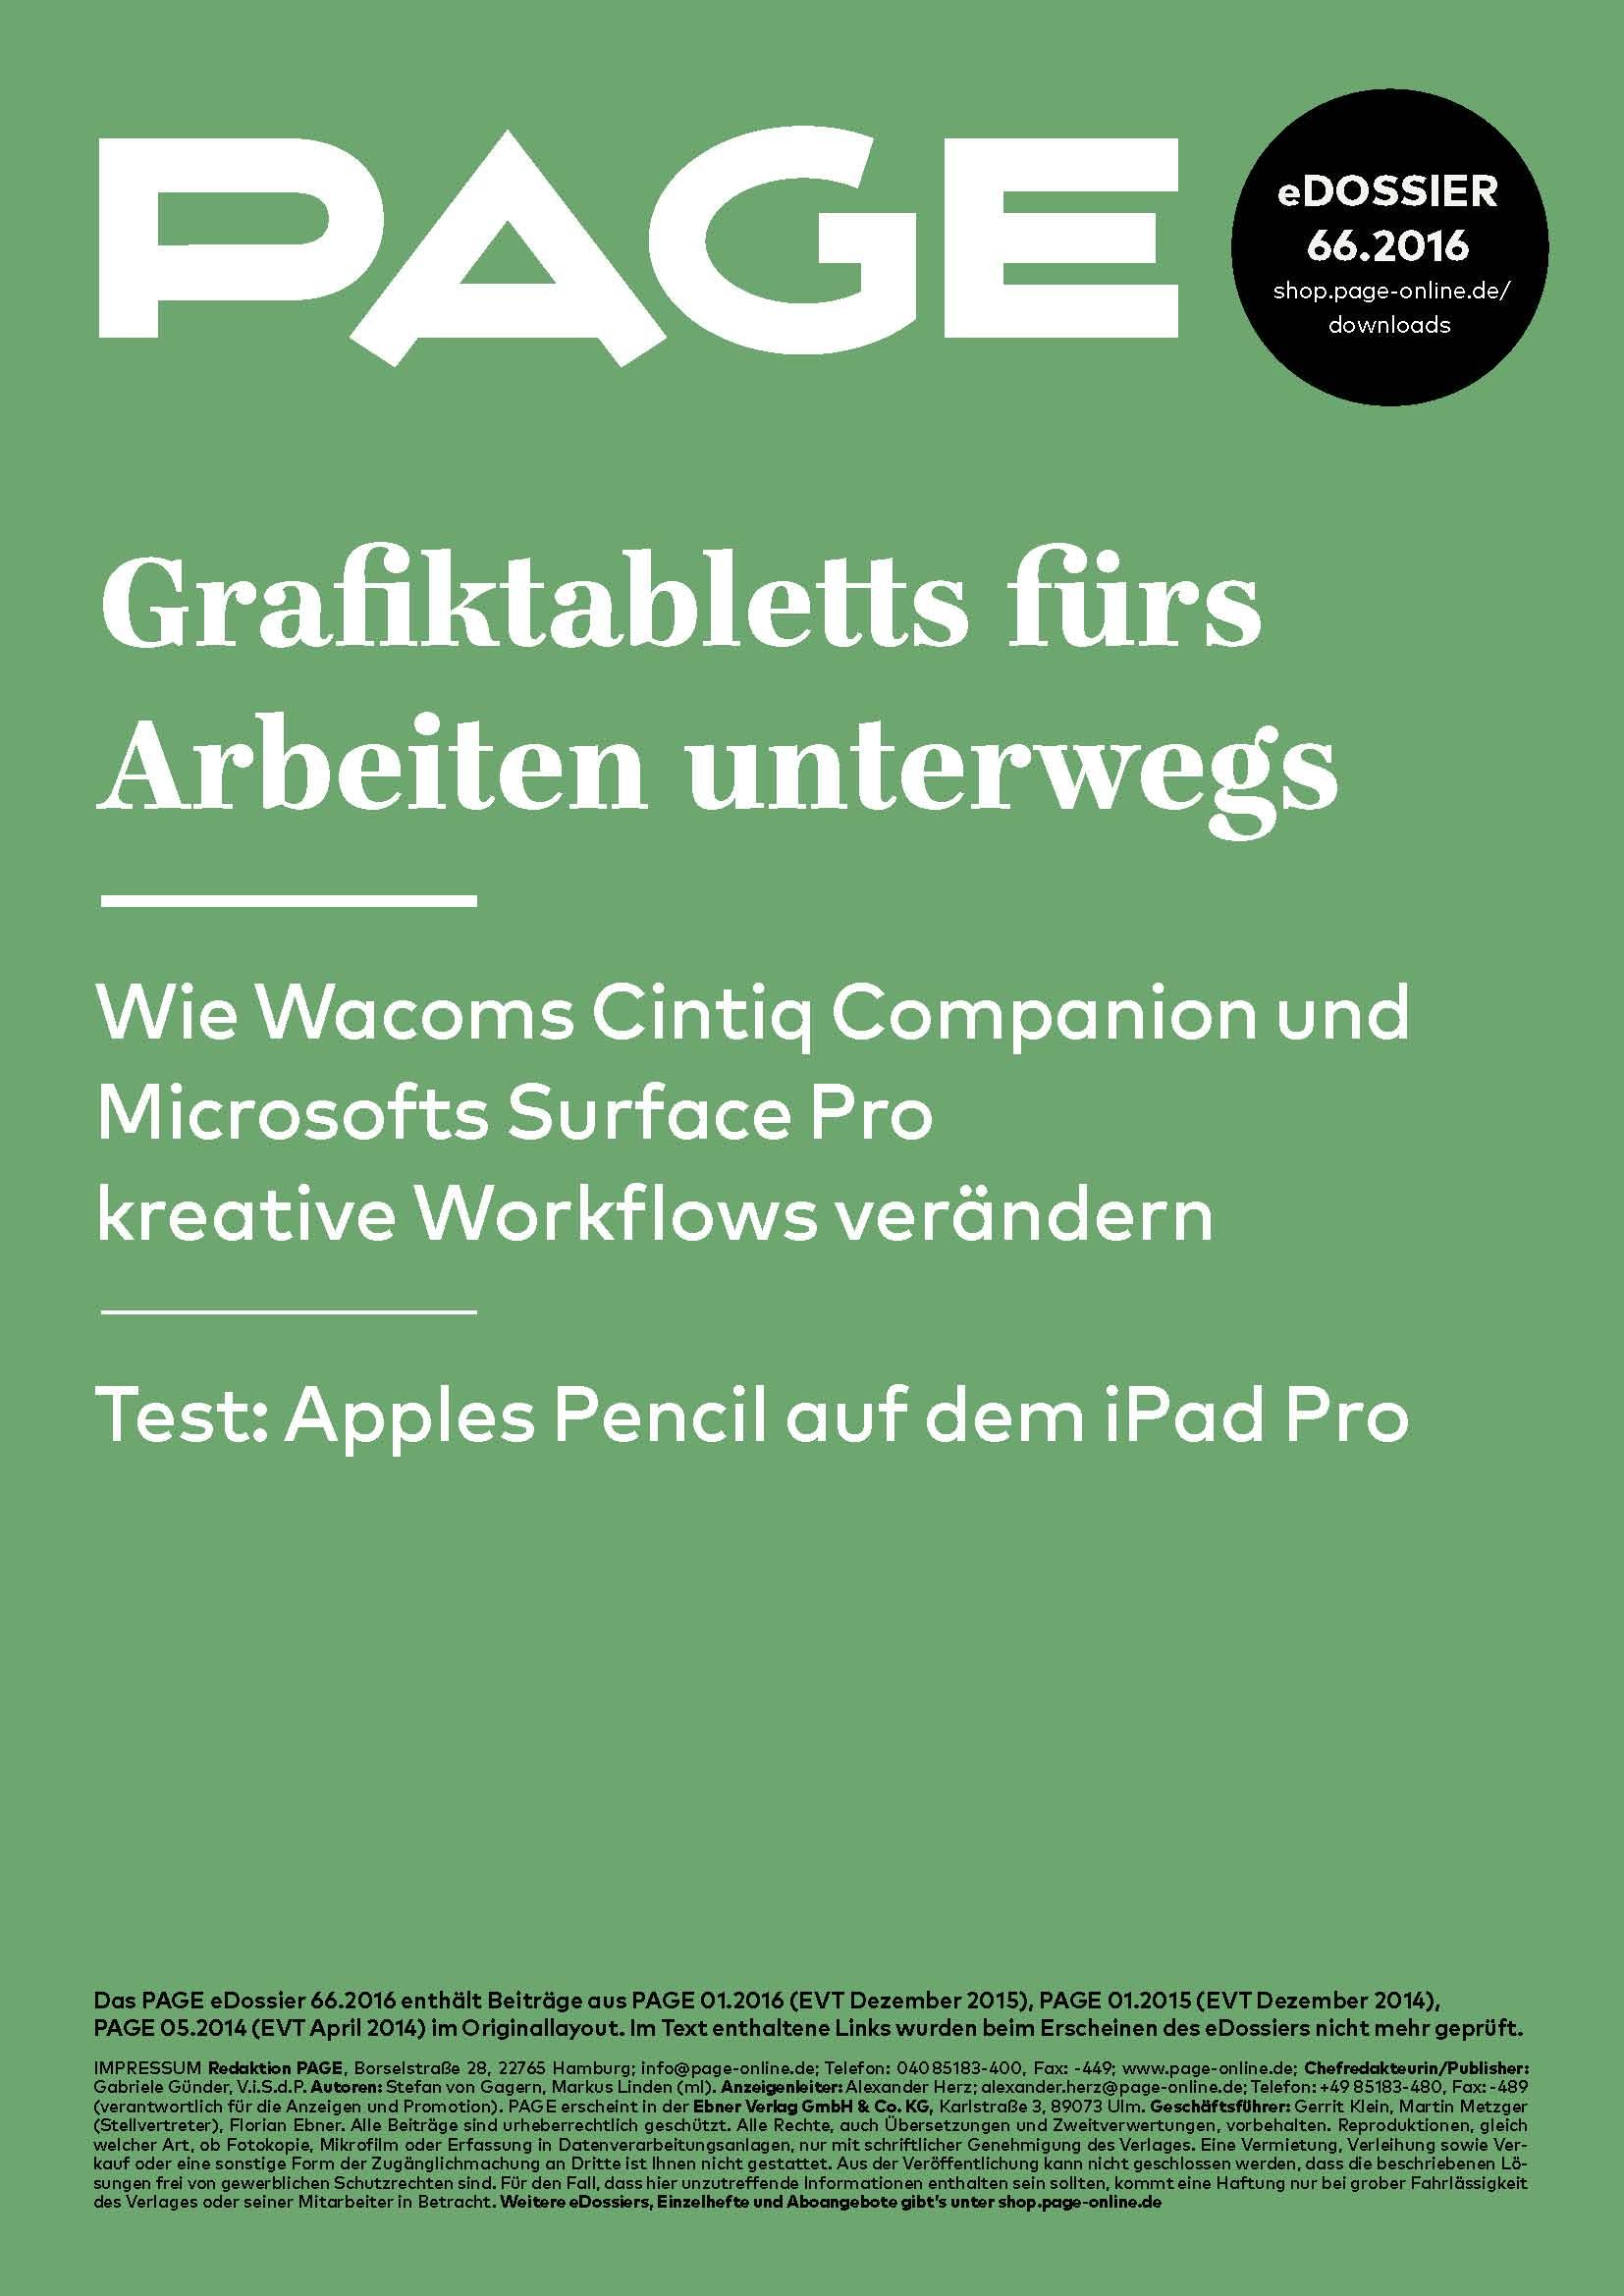 Produkt: eDossier: »Grafiktabletts fürs Arbeiten unterwegs«